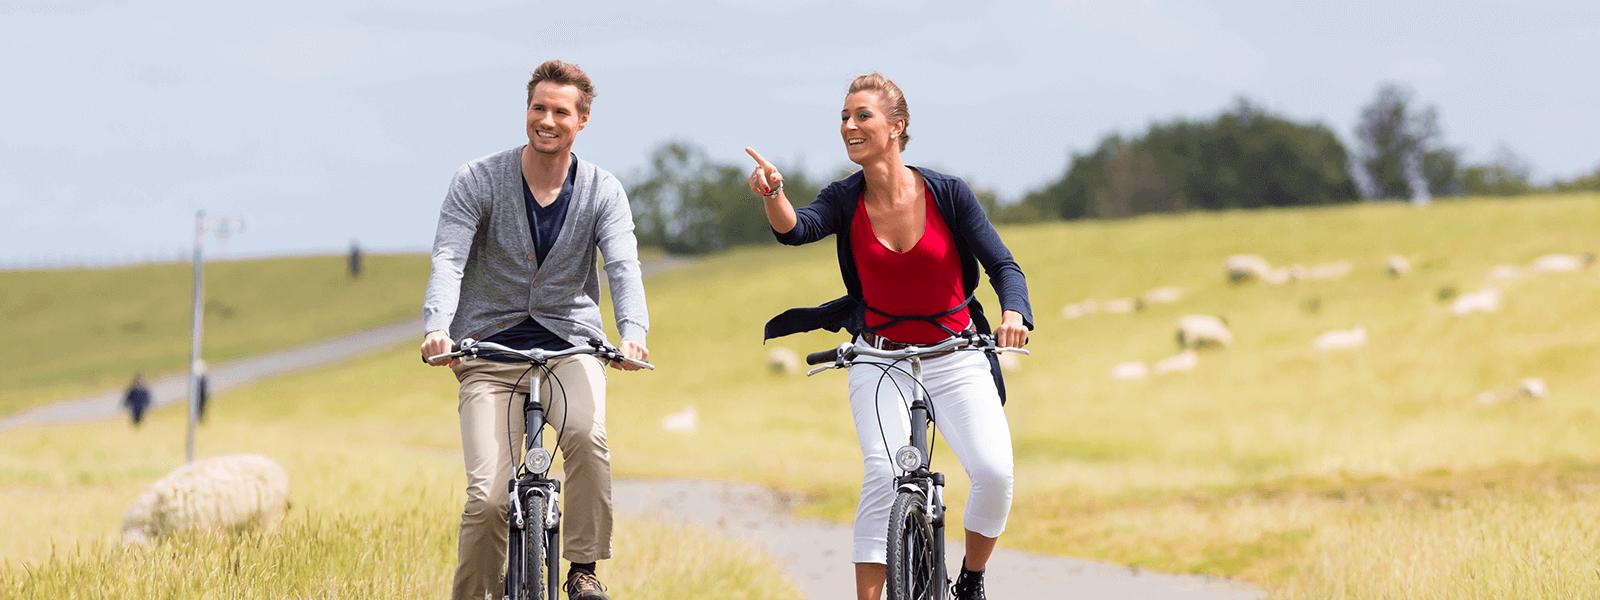 Hotel Regina Maris, Norden-Norddeich, Nordsee, Ostfriesland, Radfahren, Radwandern, Radtour